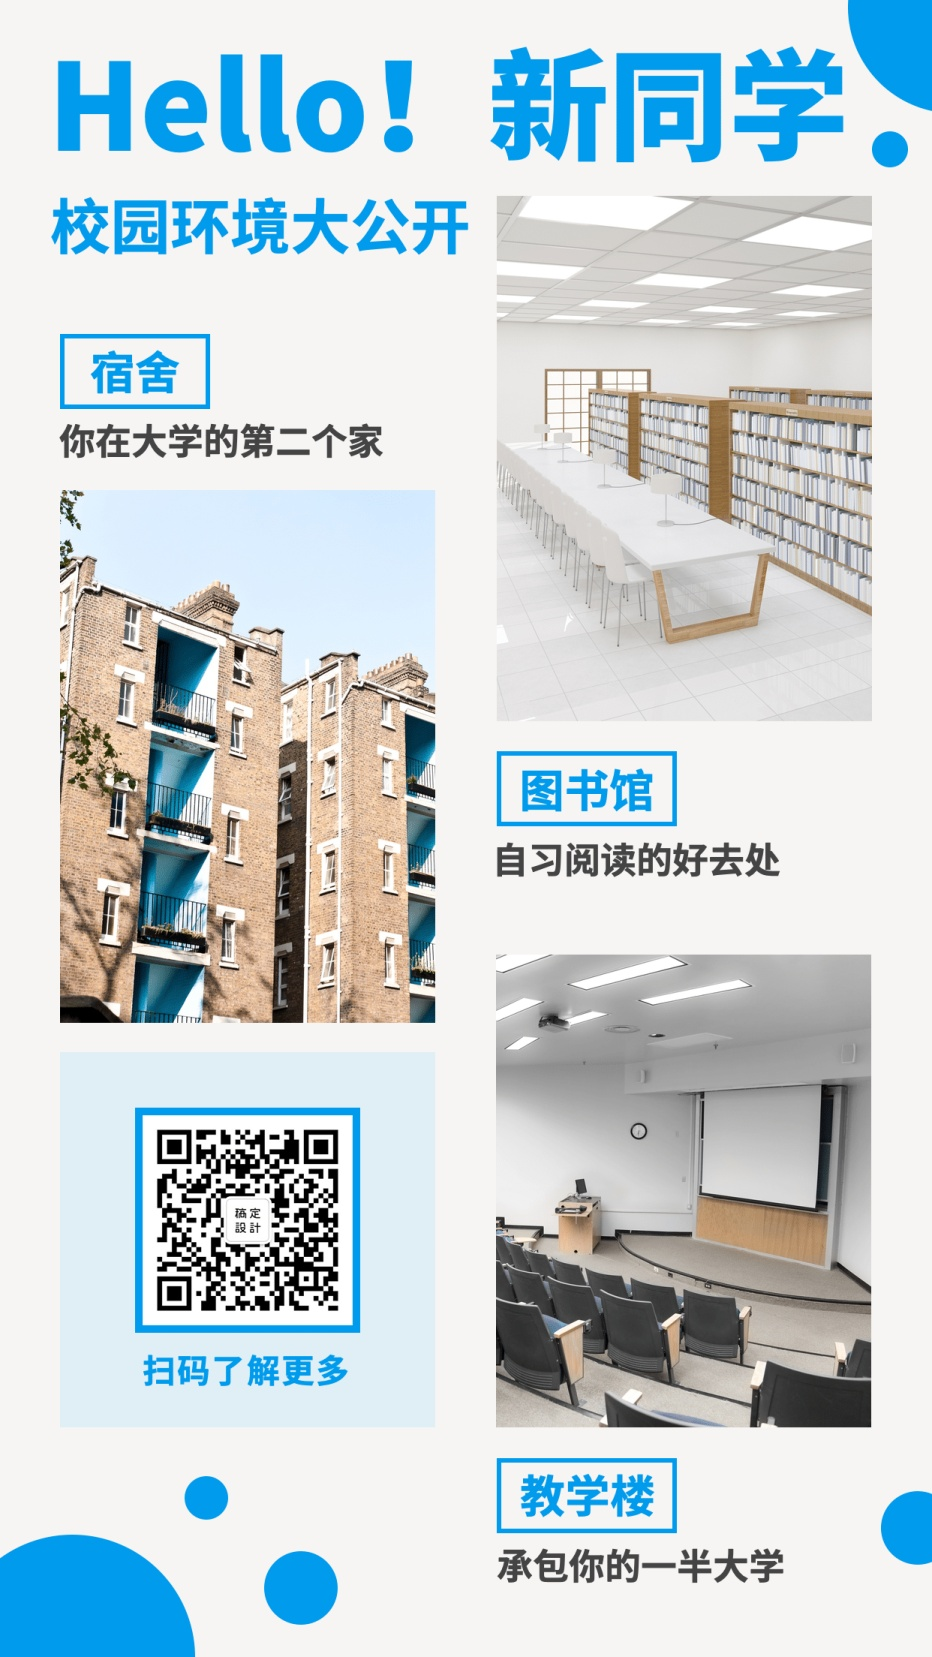 开学/招生/宣传手机海报